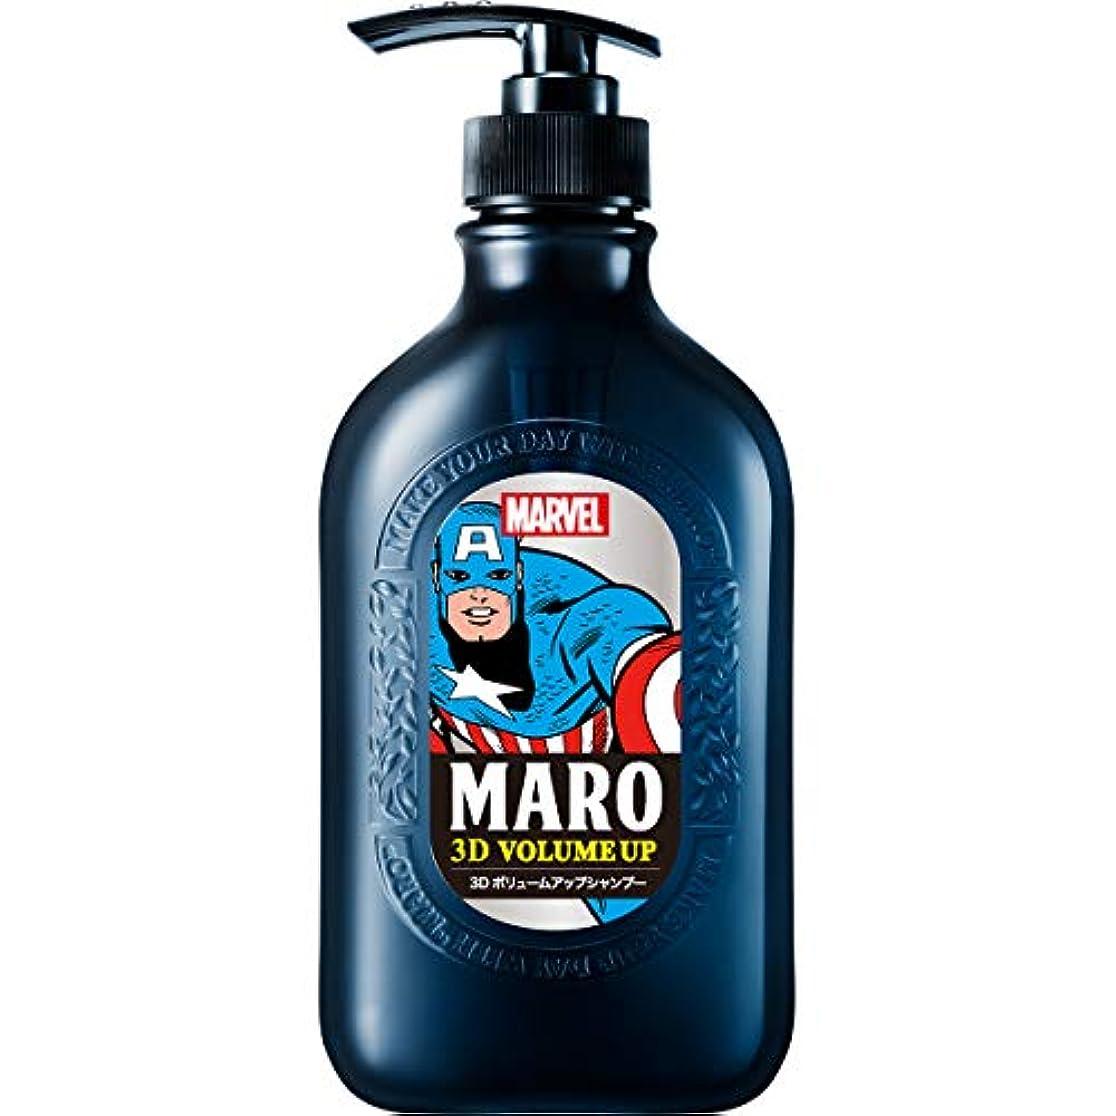 生き残ります永久に最愛のMARO 3Dボリュームアップ シャンプー EX MARVEL コラボデザイン 460ml